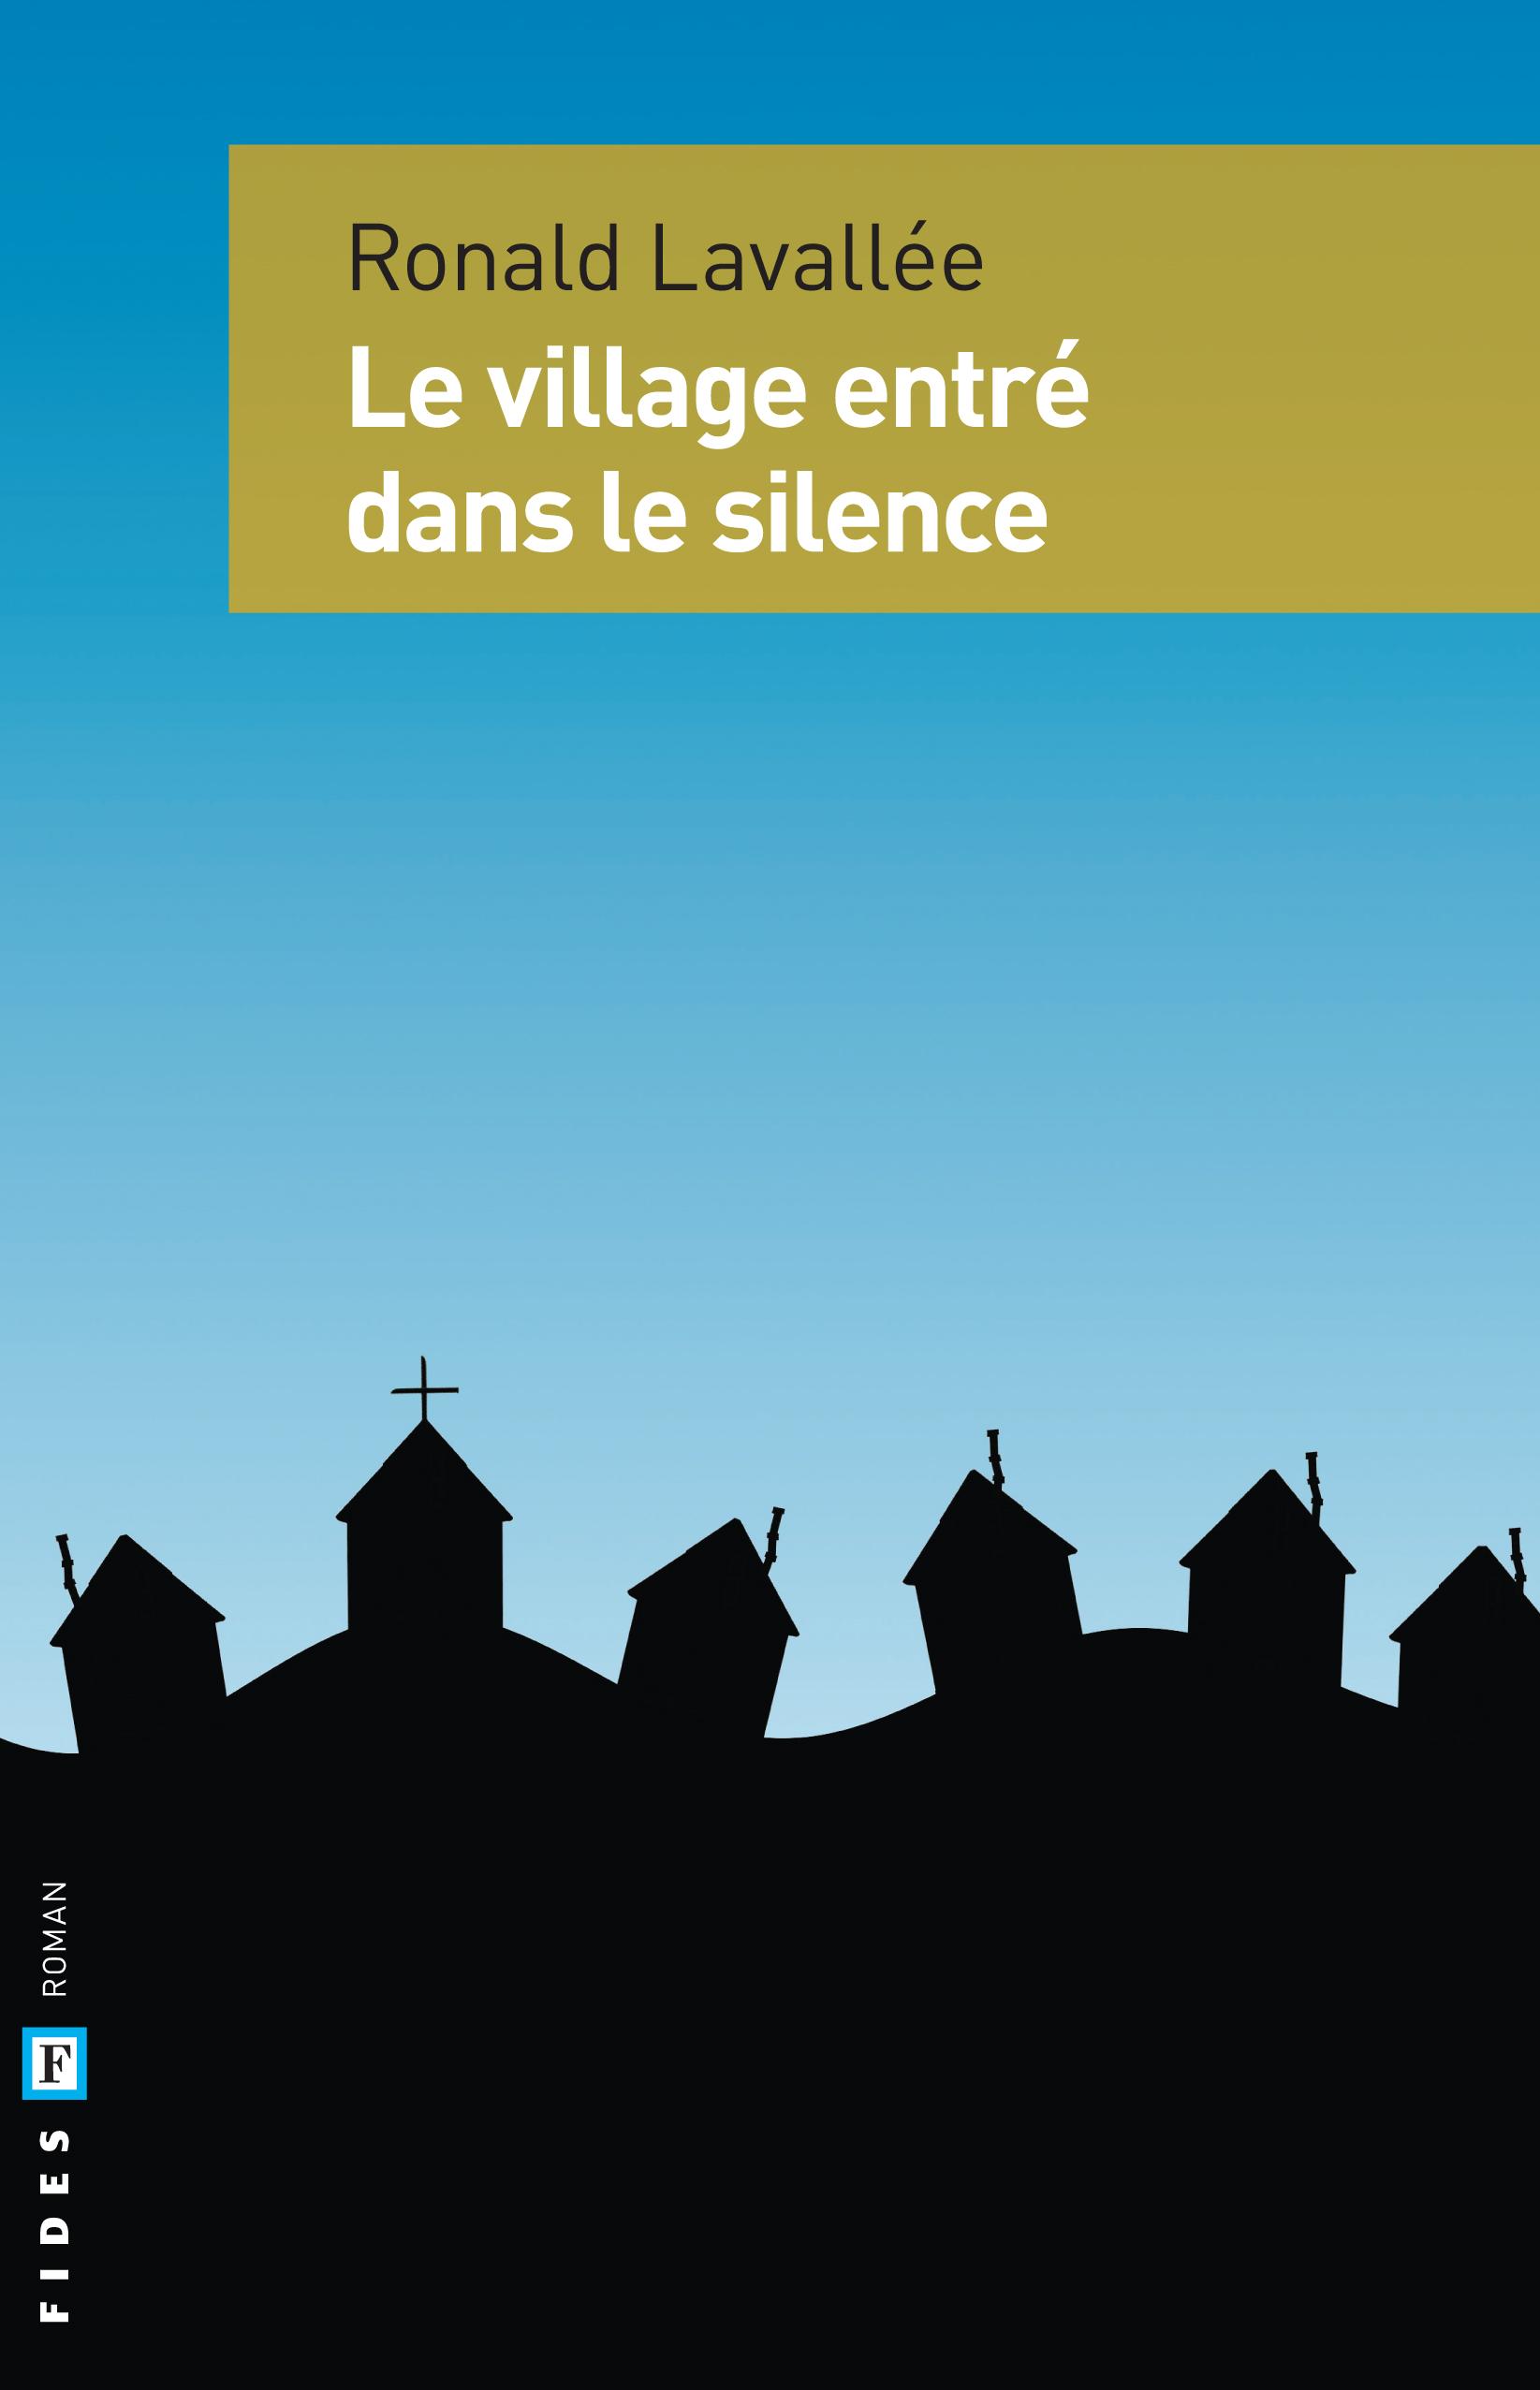 Le village entré dans le silence